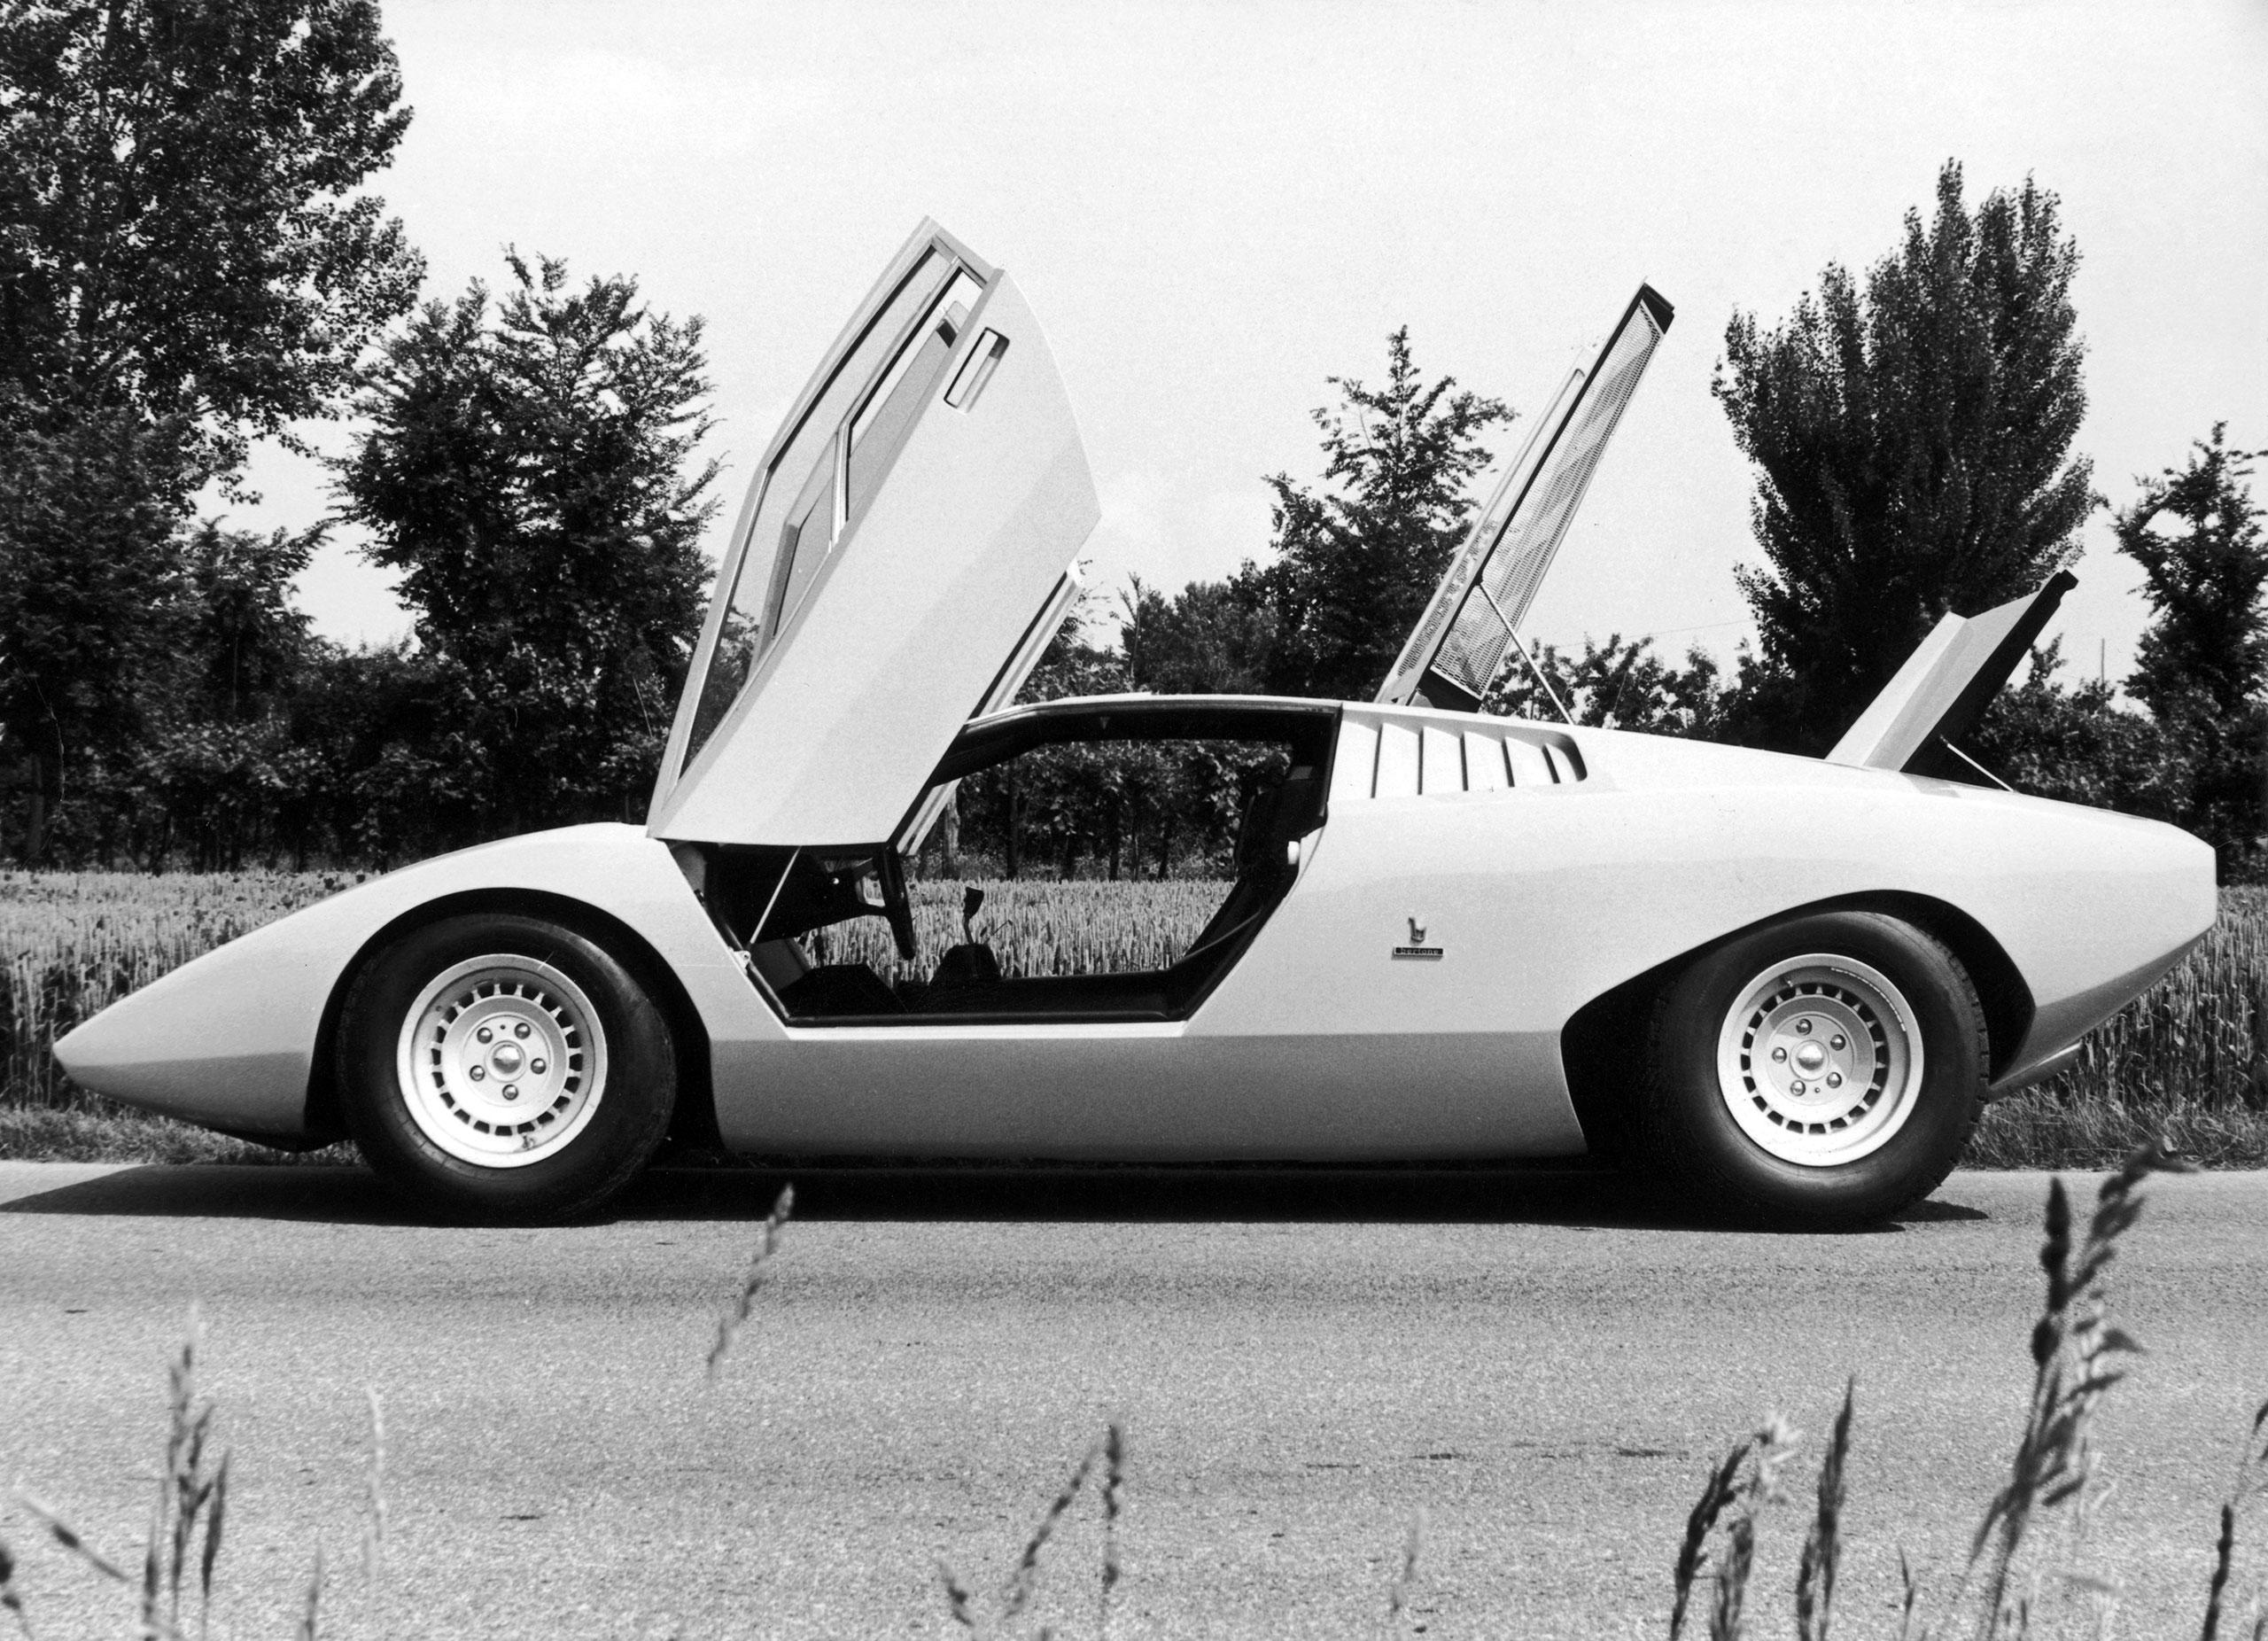 The Lamborghini LP500, first prototype of the Countach sports car, designed by by Marcello Gandini of the Bertone design studio, circa 1972.